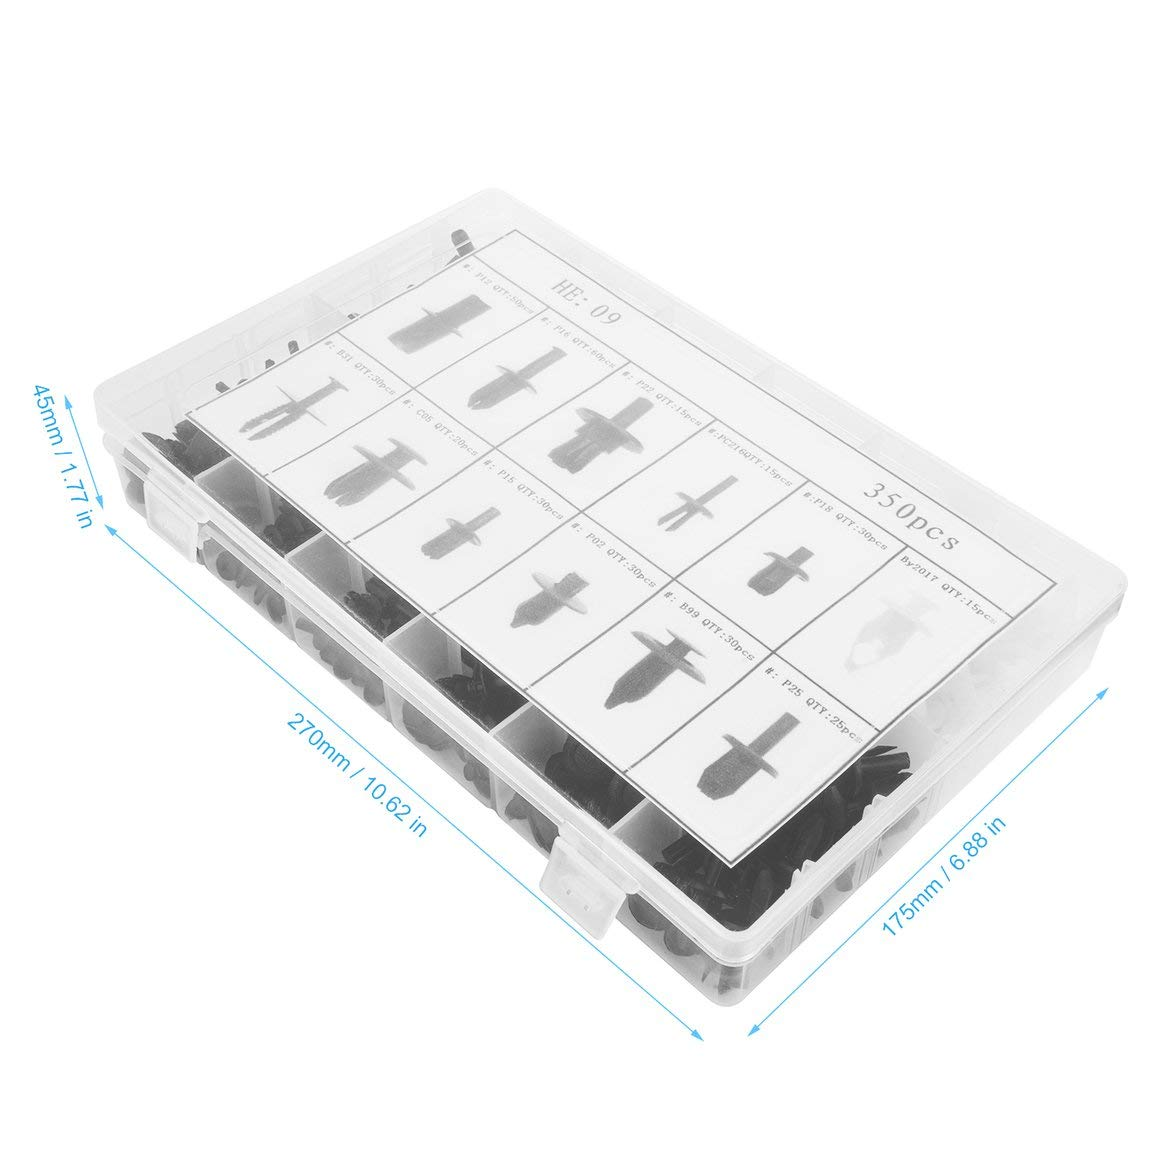 350pcs auto voiture retenue retenue goupille rivet garniture pince corps de voiture attaches en plastique garniture panneau moulage clip assortiment kit couleur: noir//blanc